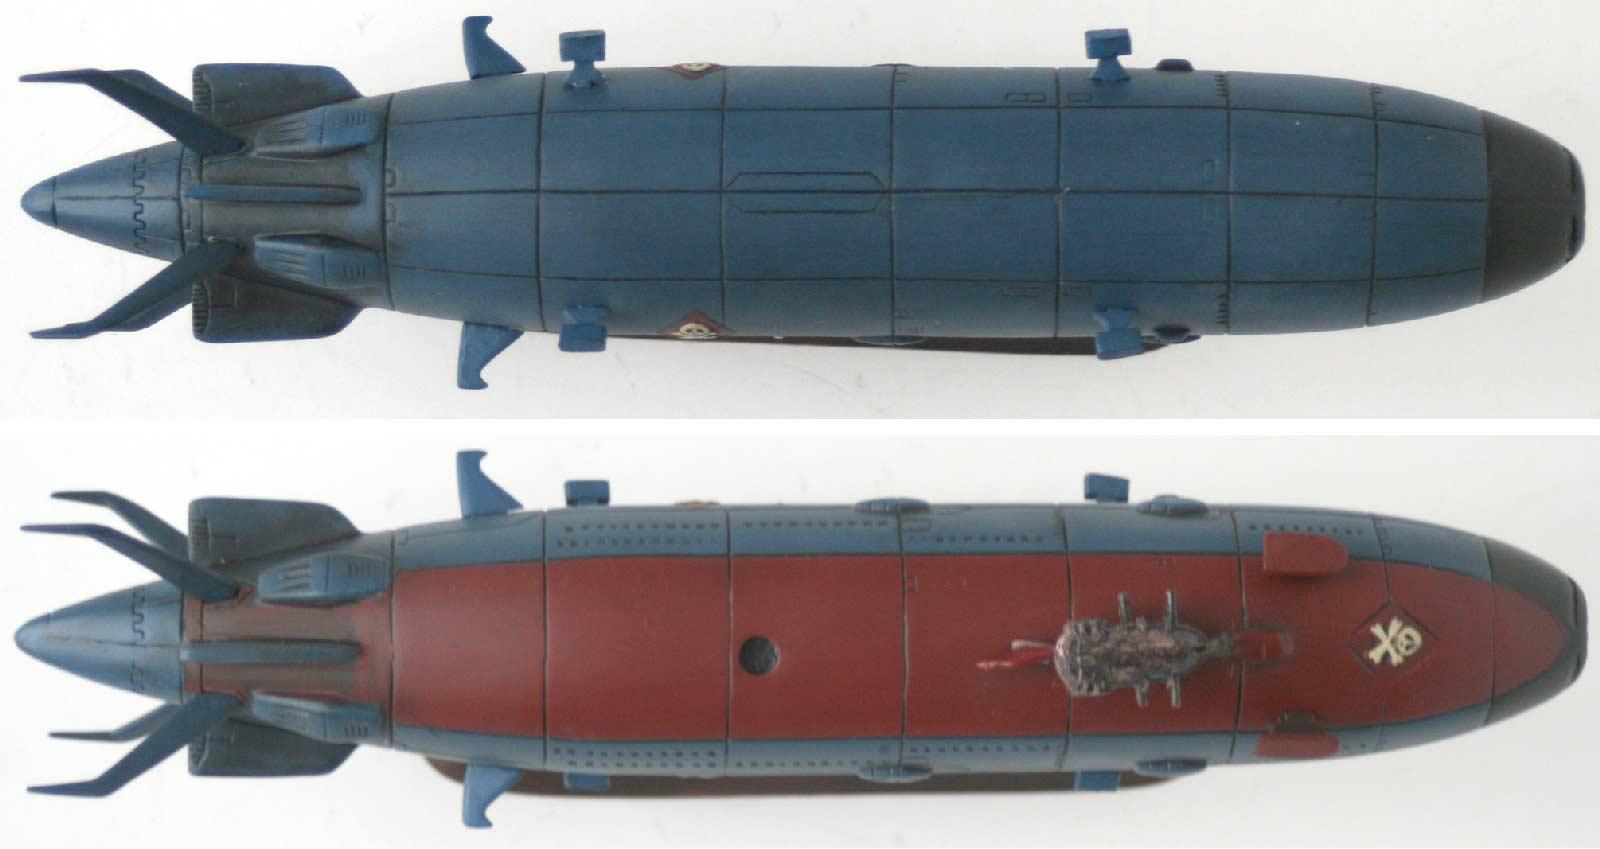 vue de dessus et de dessous du Queen Emeraldas - Leiji's Space ship collection (jouet)